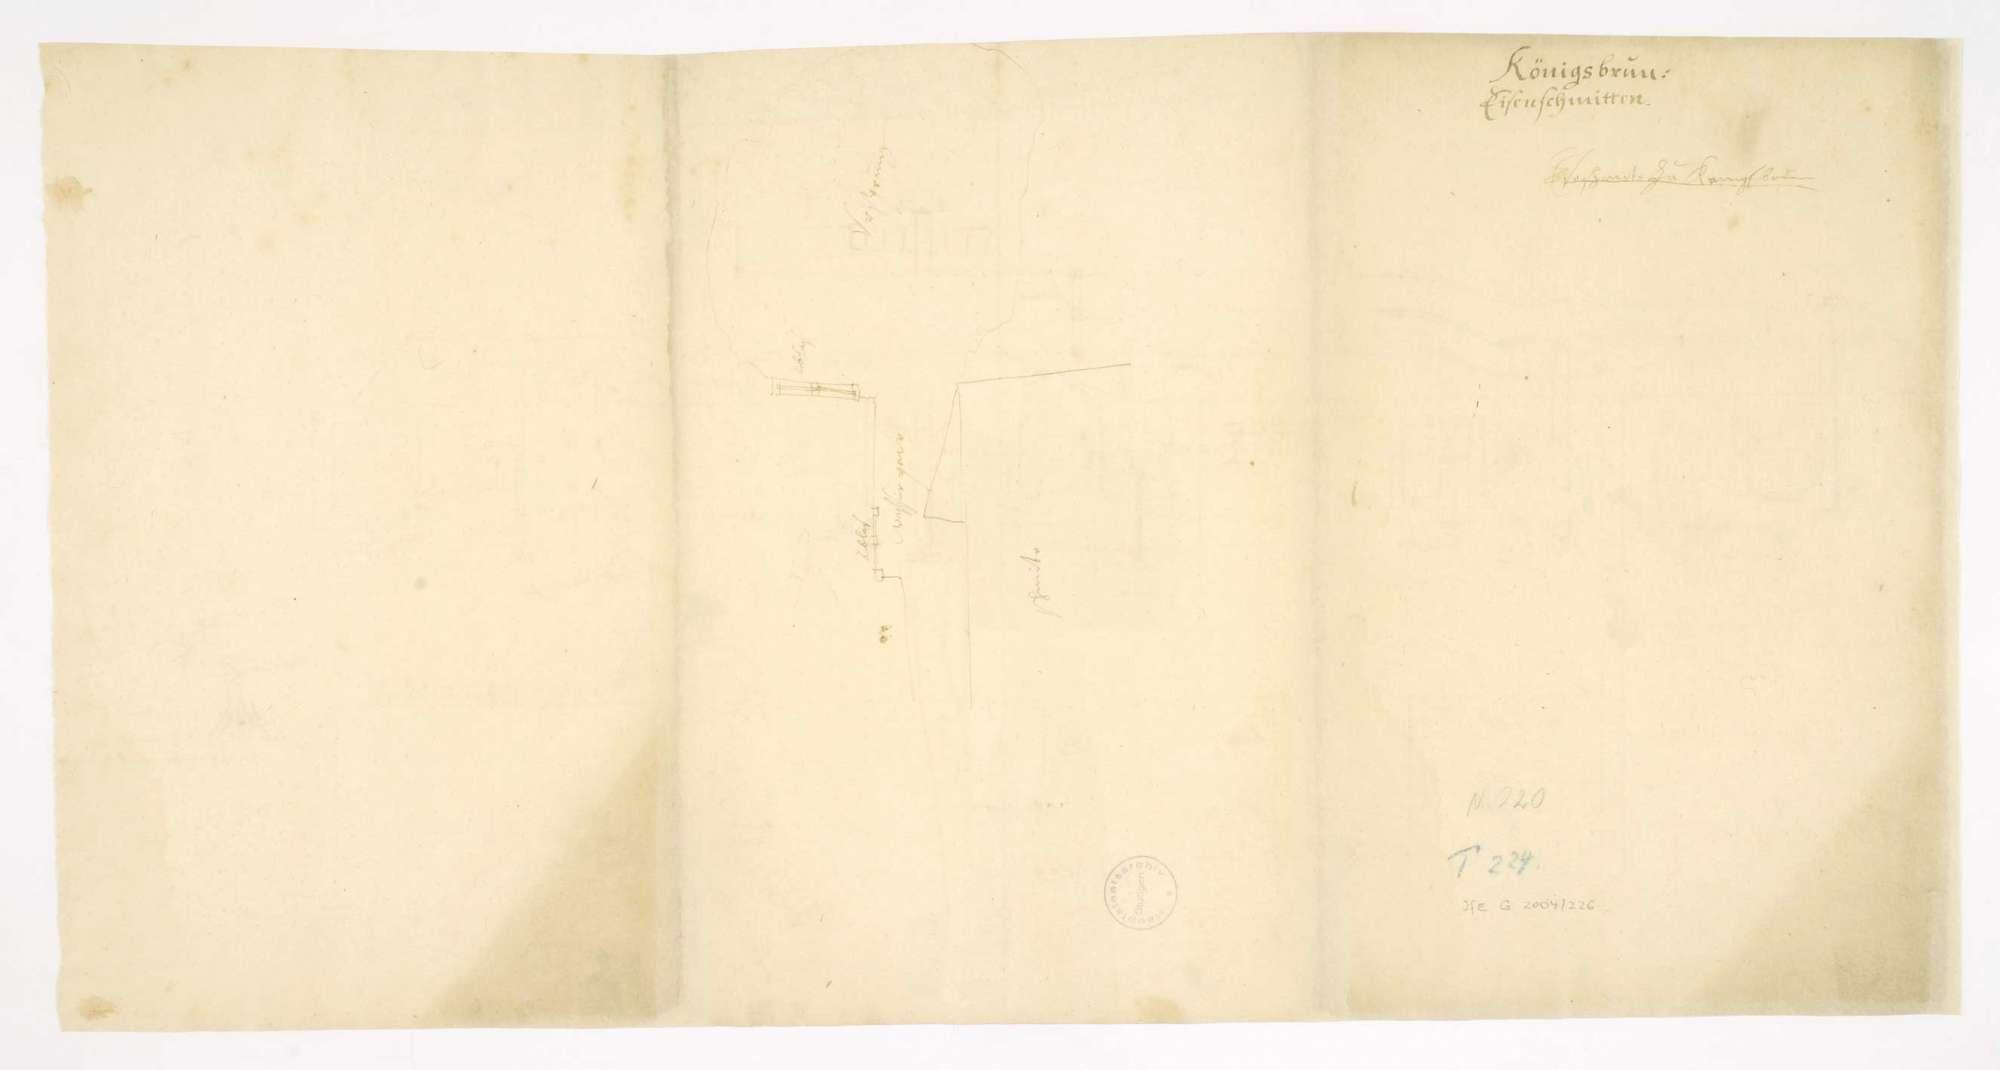 Eisenschmiede in Königsbronn, Bild 1